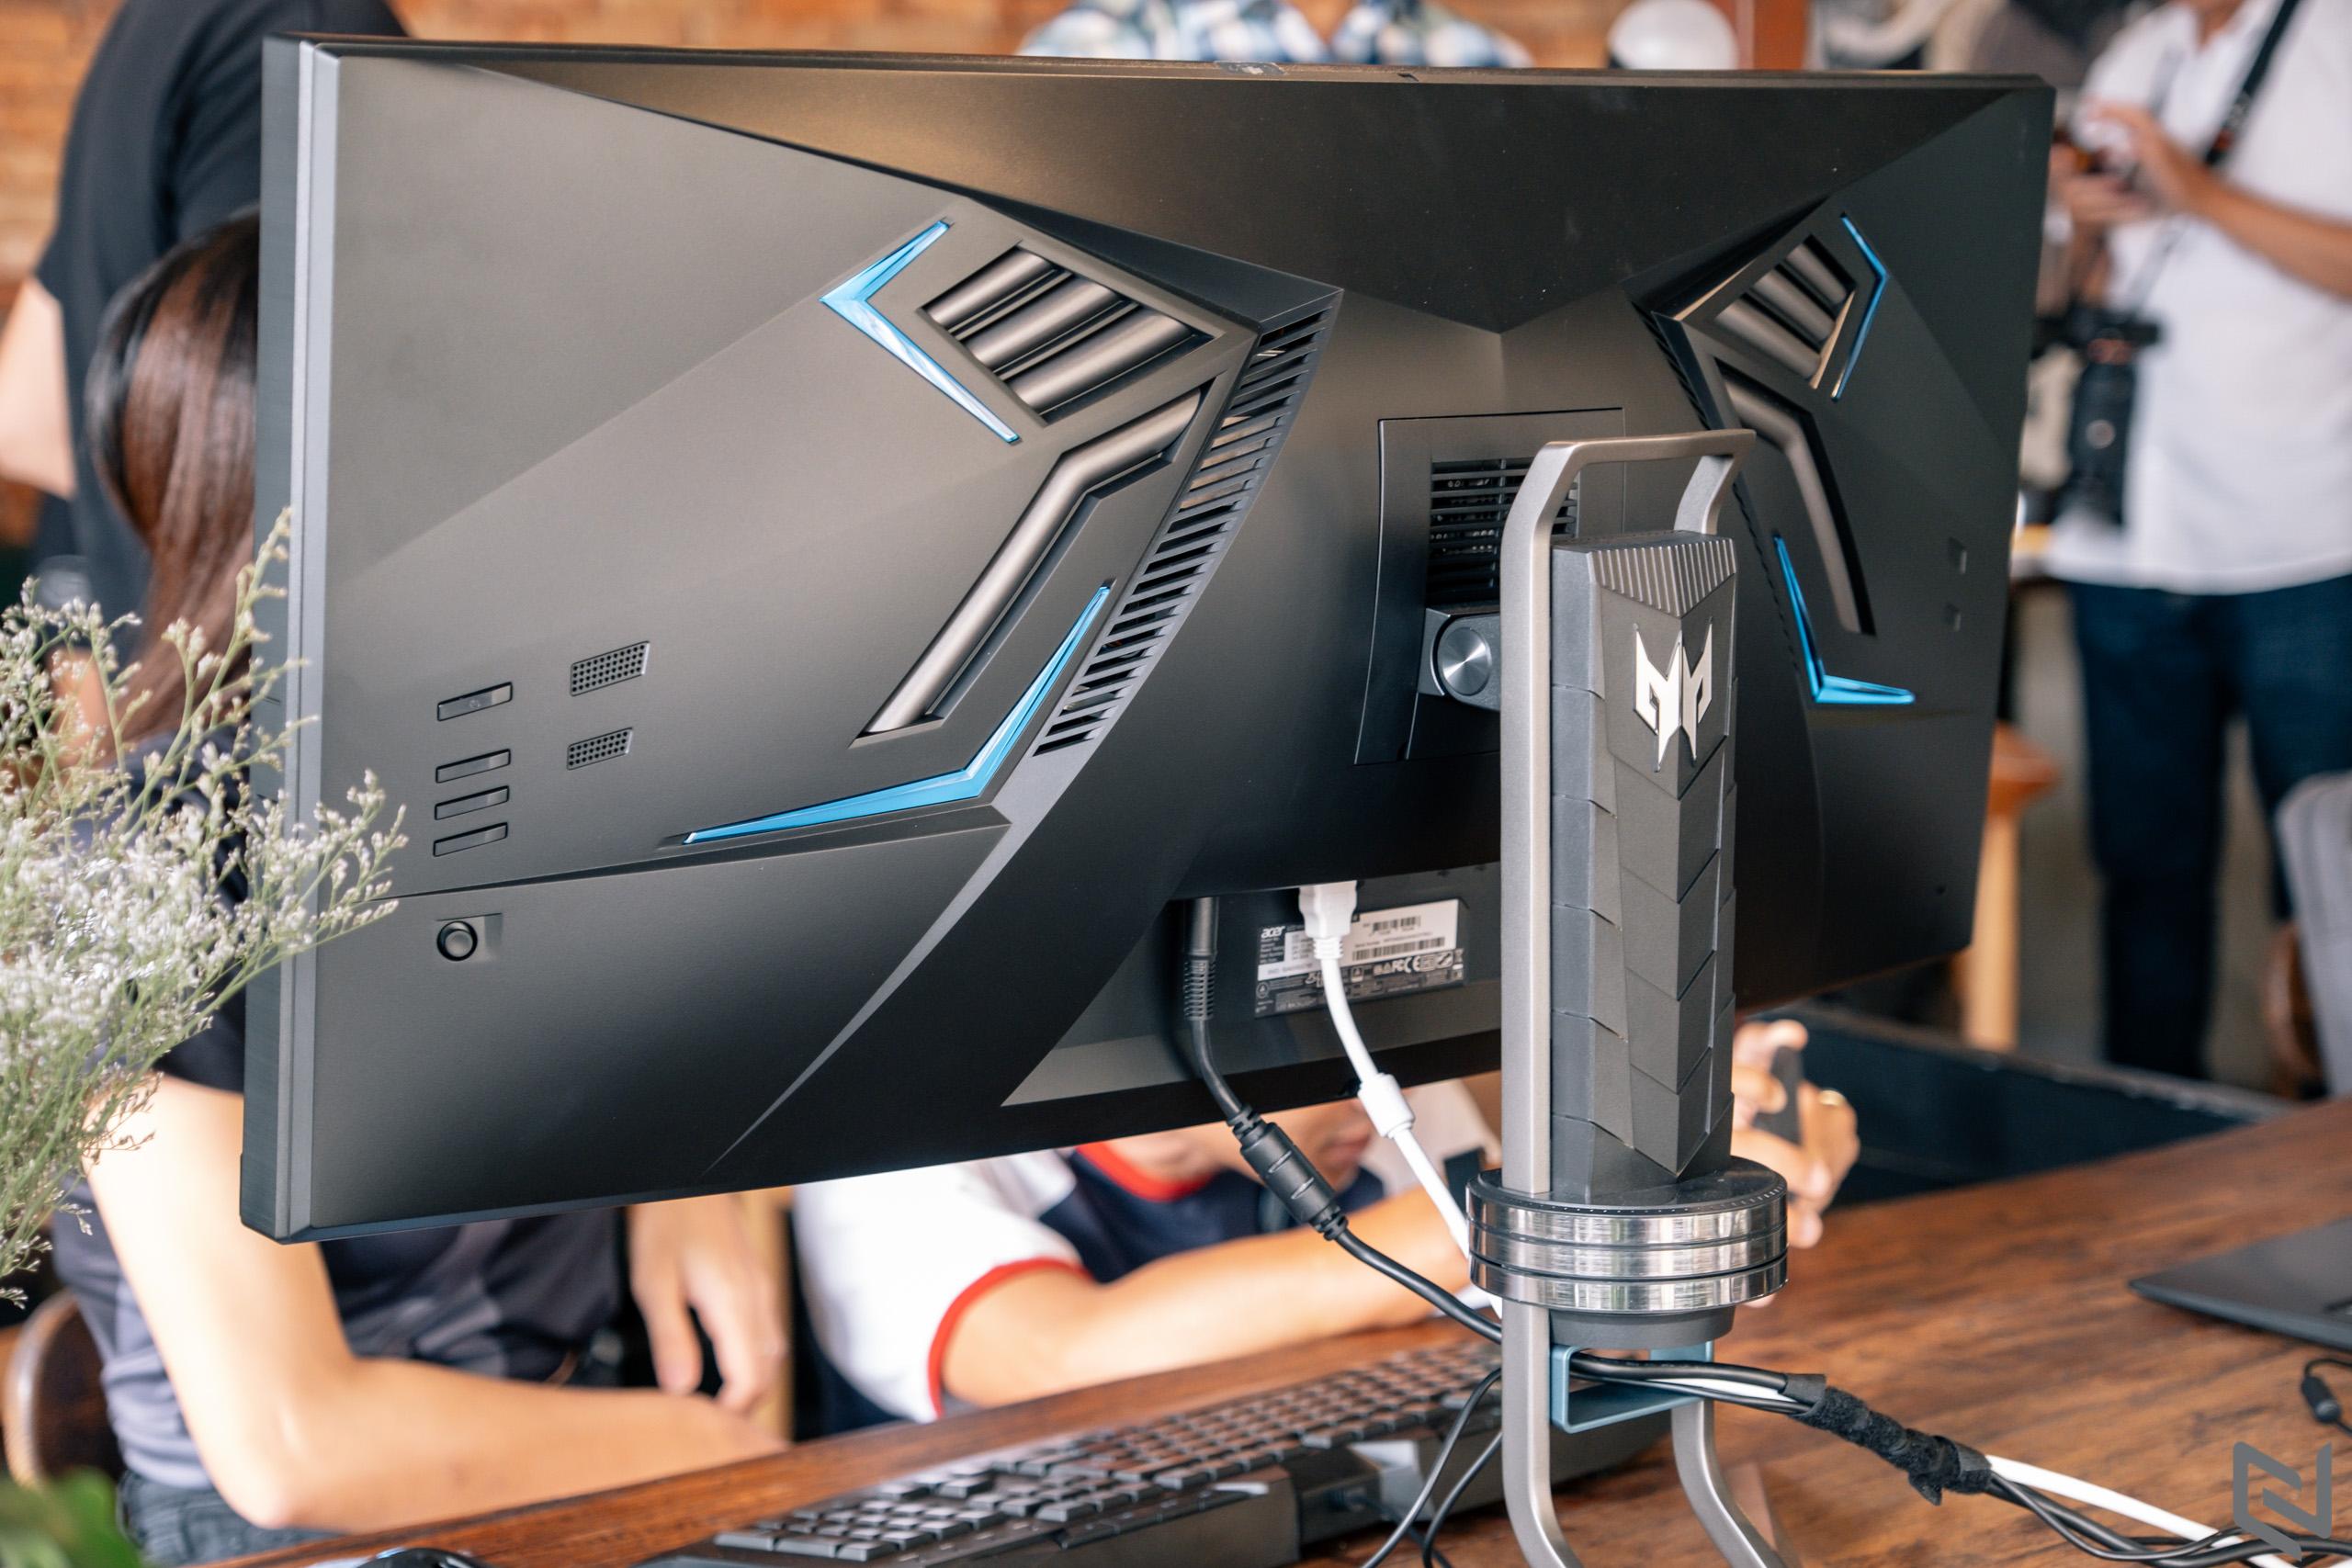 Trên tay Predator X35, màn hình chơi game xịn nhất của Acer